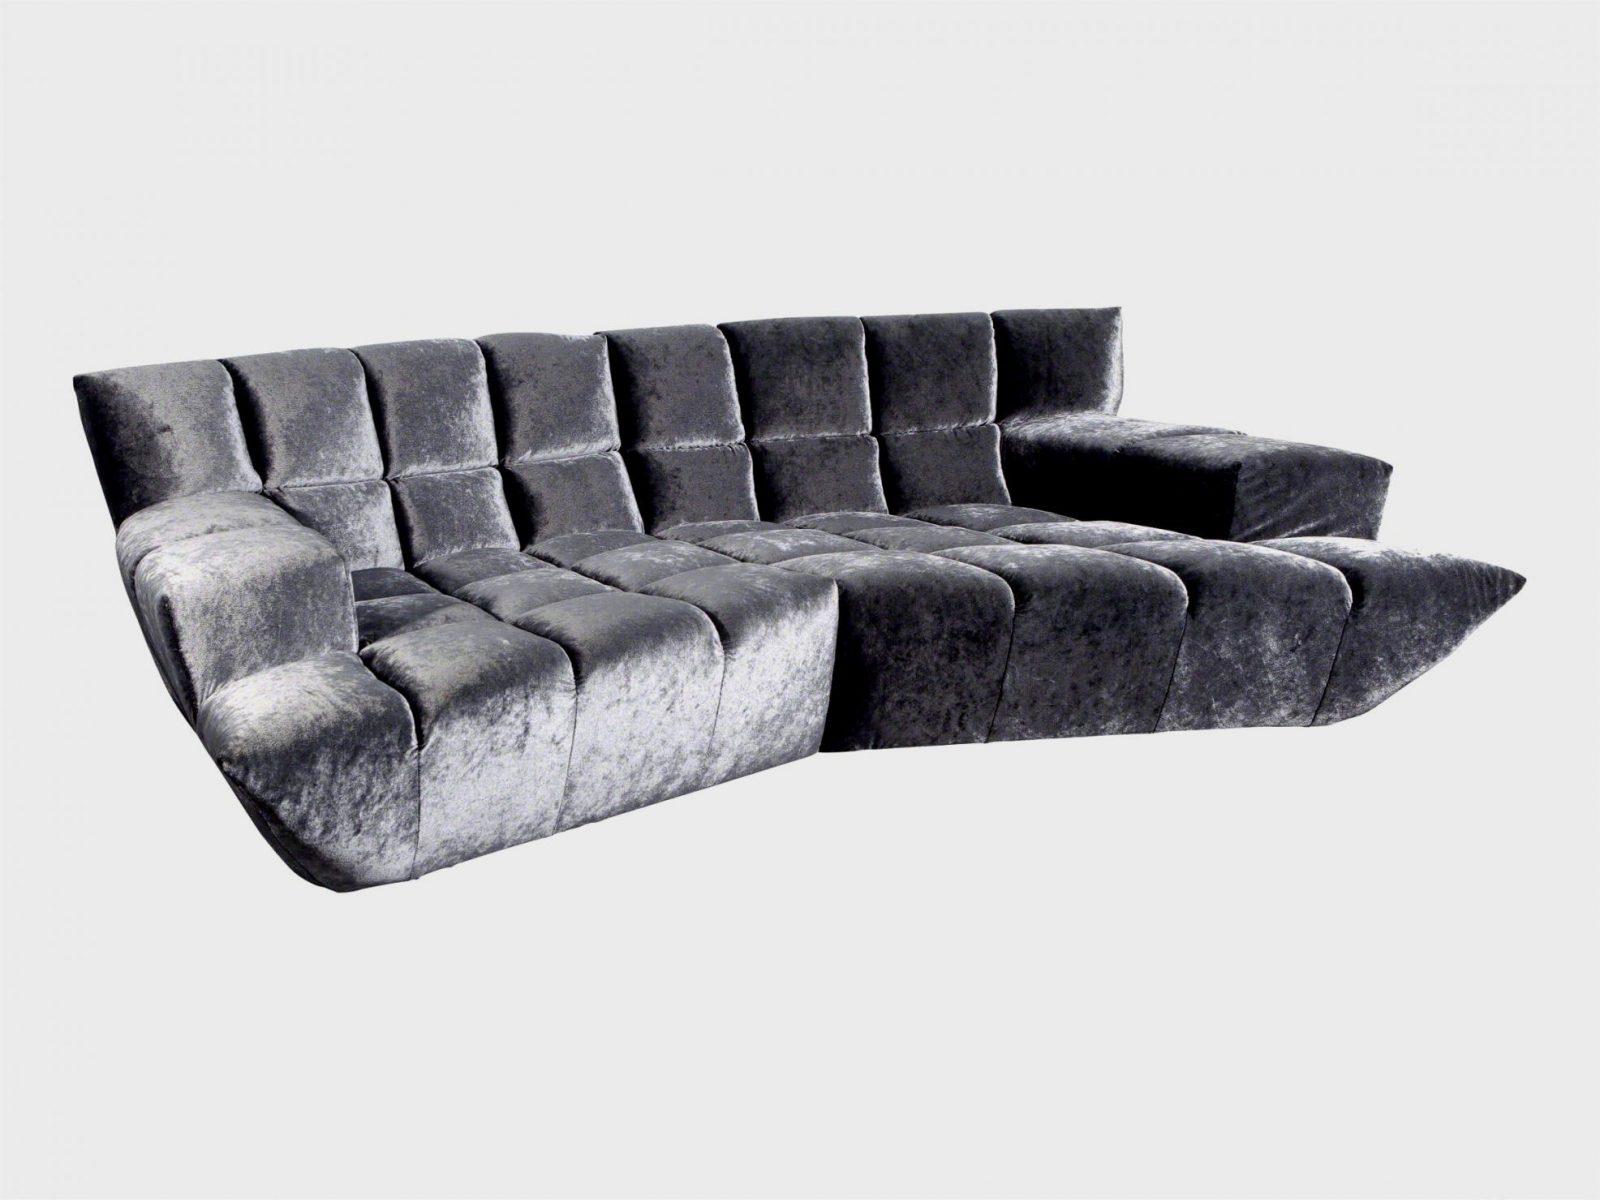 Beste Couch Auf Rechnung Bestellen Sofa Inspirational Mbel Raten von Couch Auf Rechnung Als Neukunde Bild